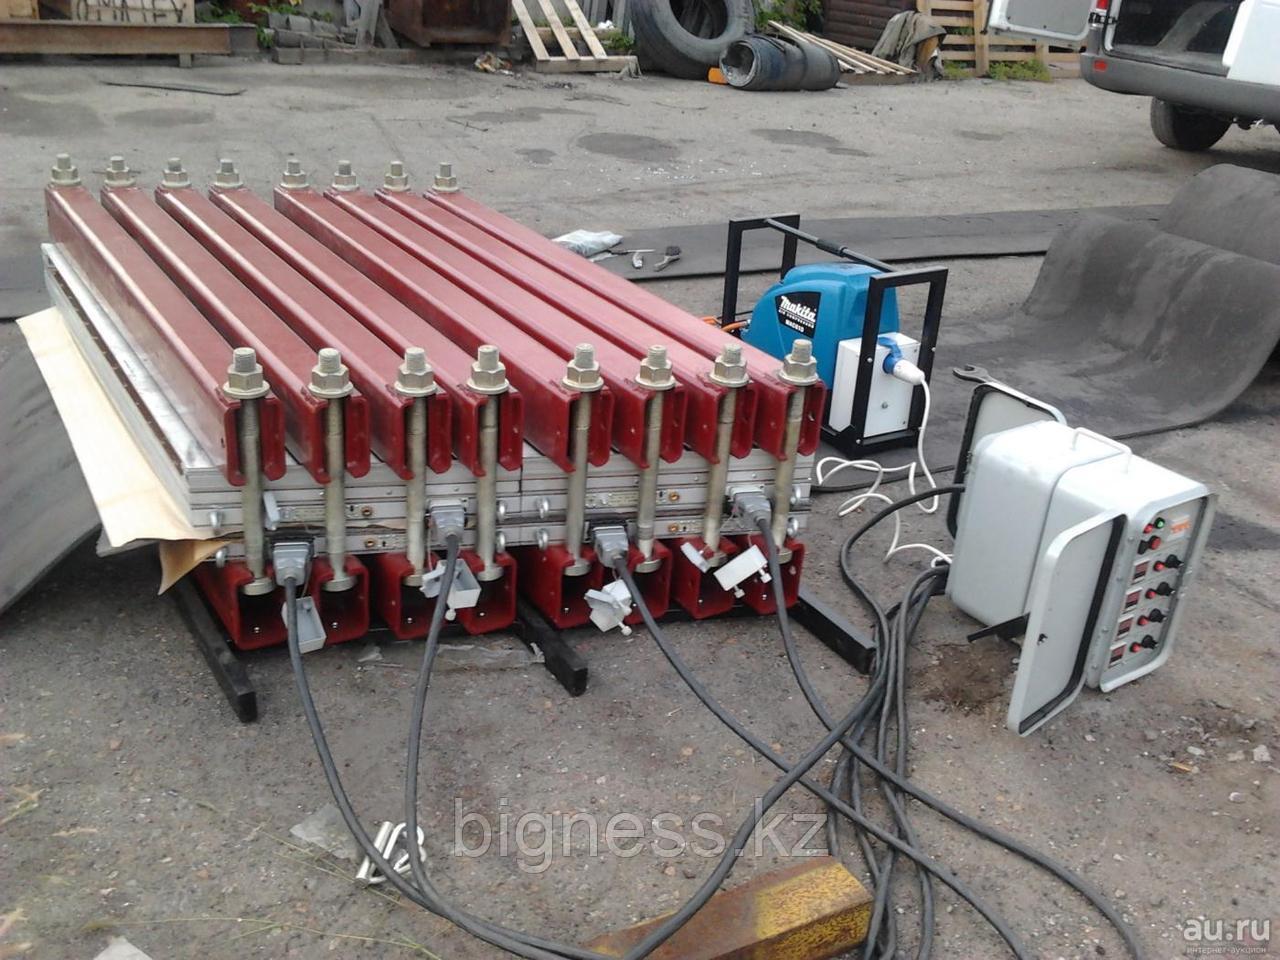 Стыковка конвейерных (транспортерных) лент способом горячей вулканизации